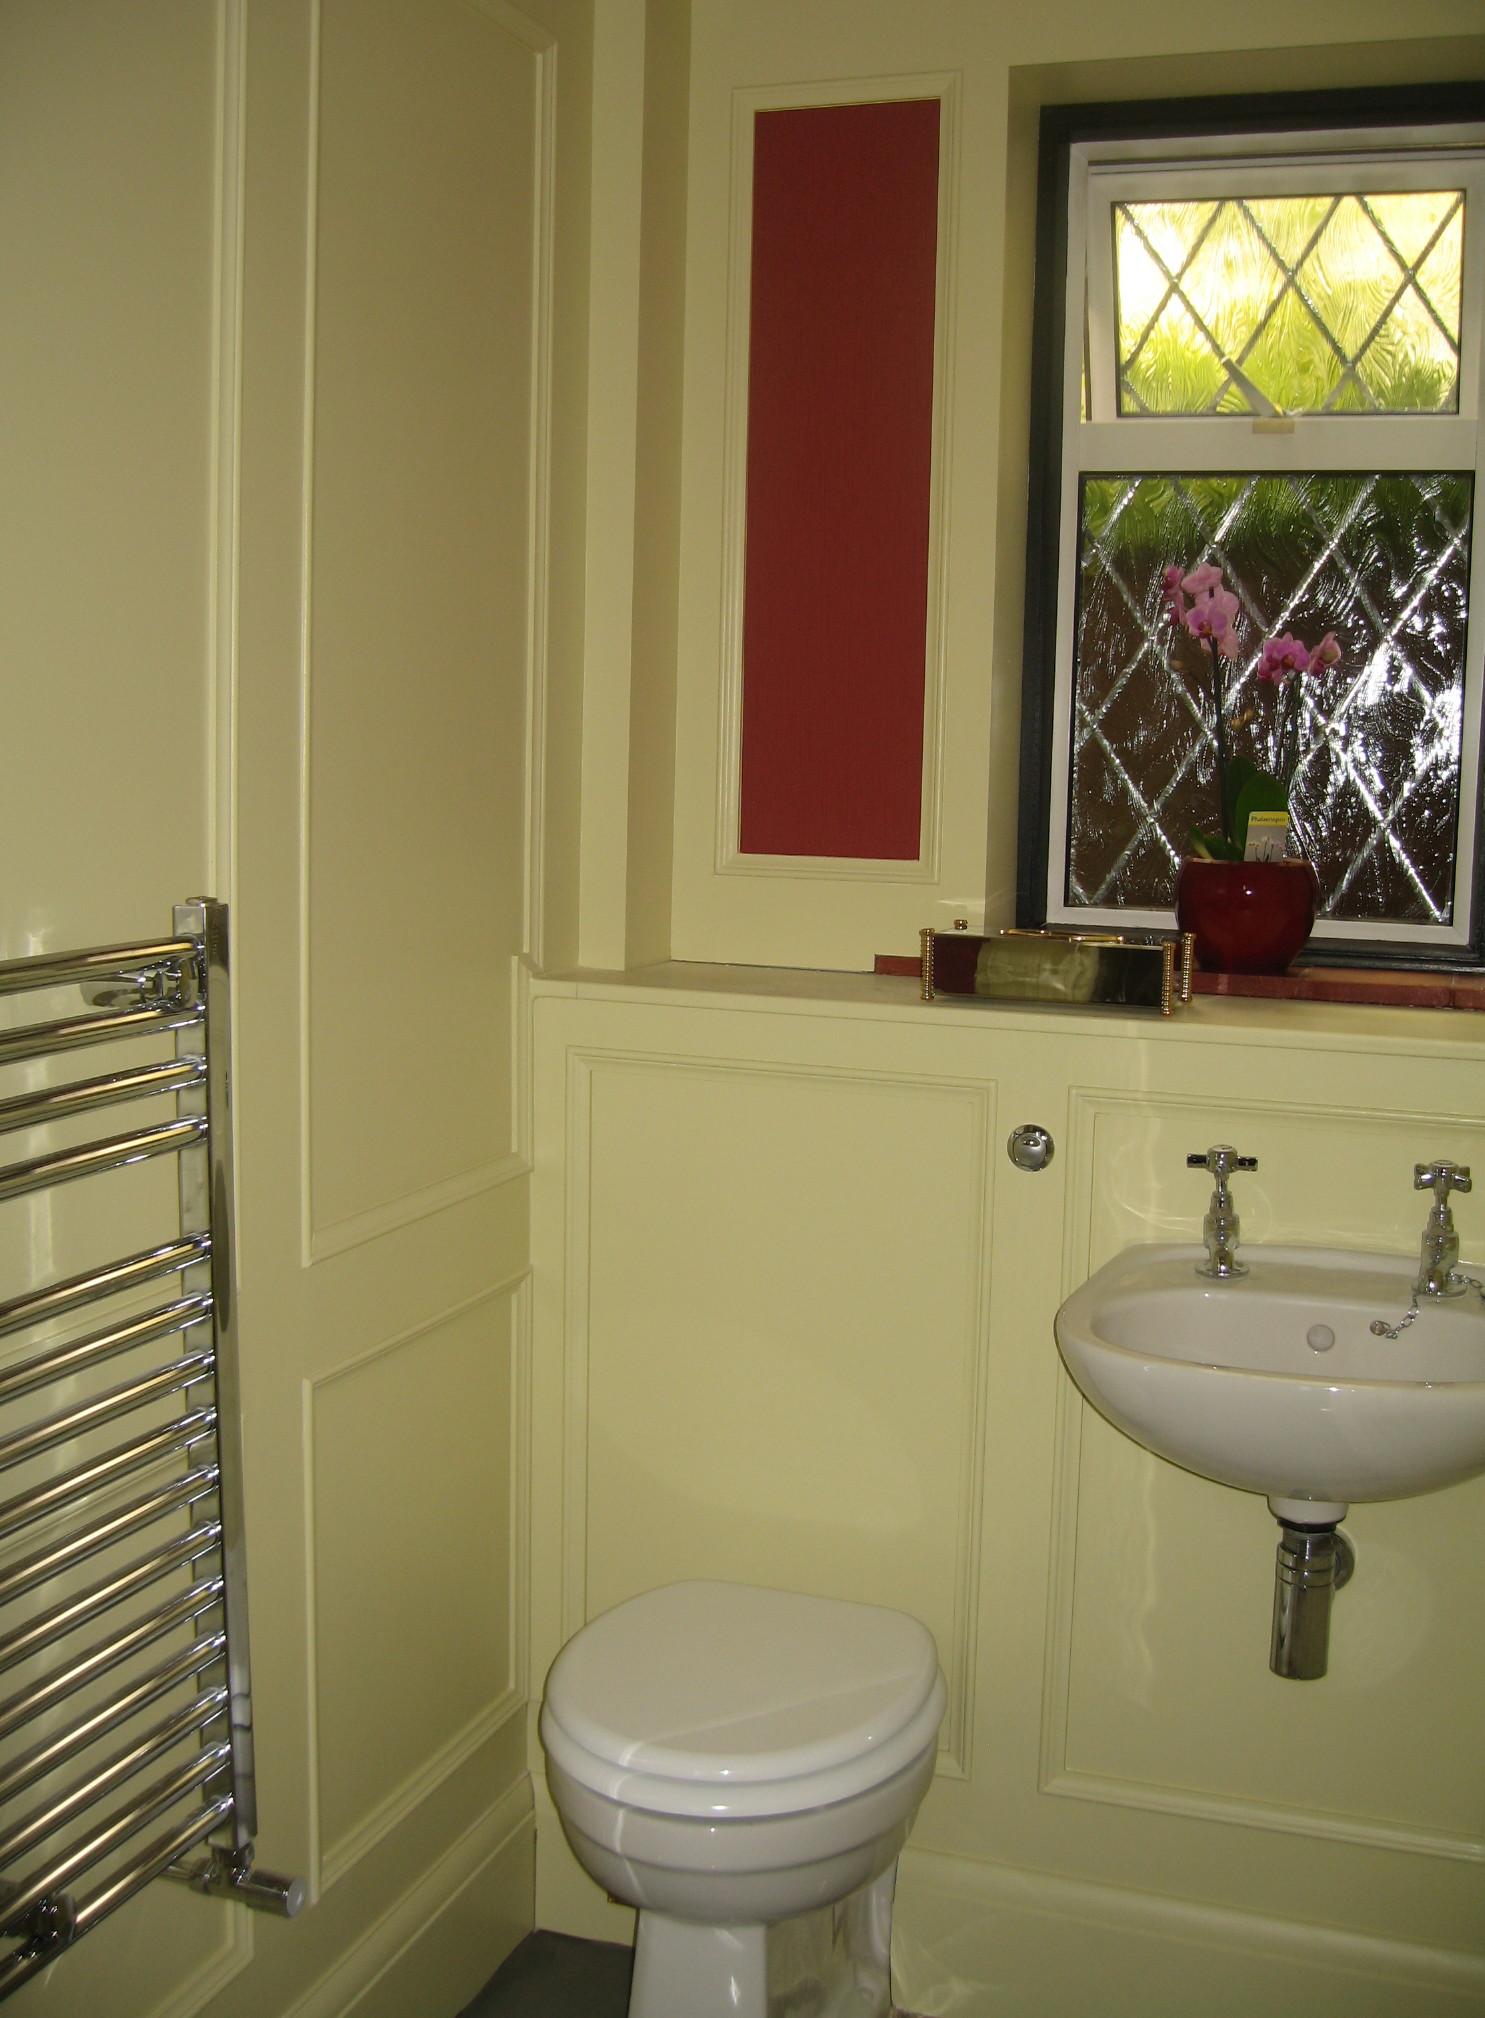 Ремонт туалета панелями с молдингами